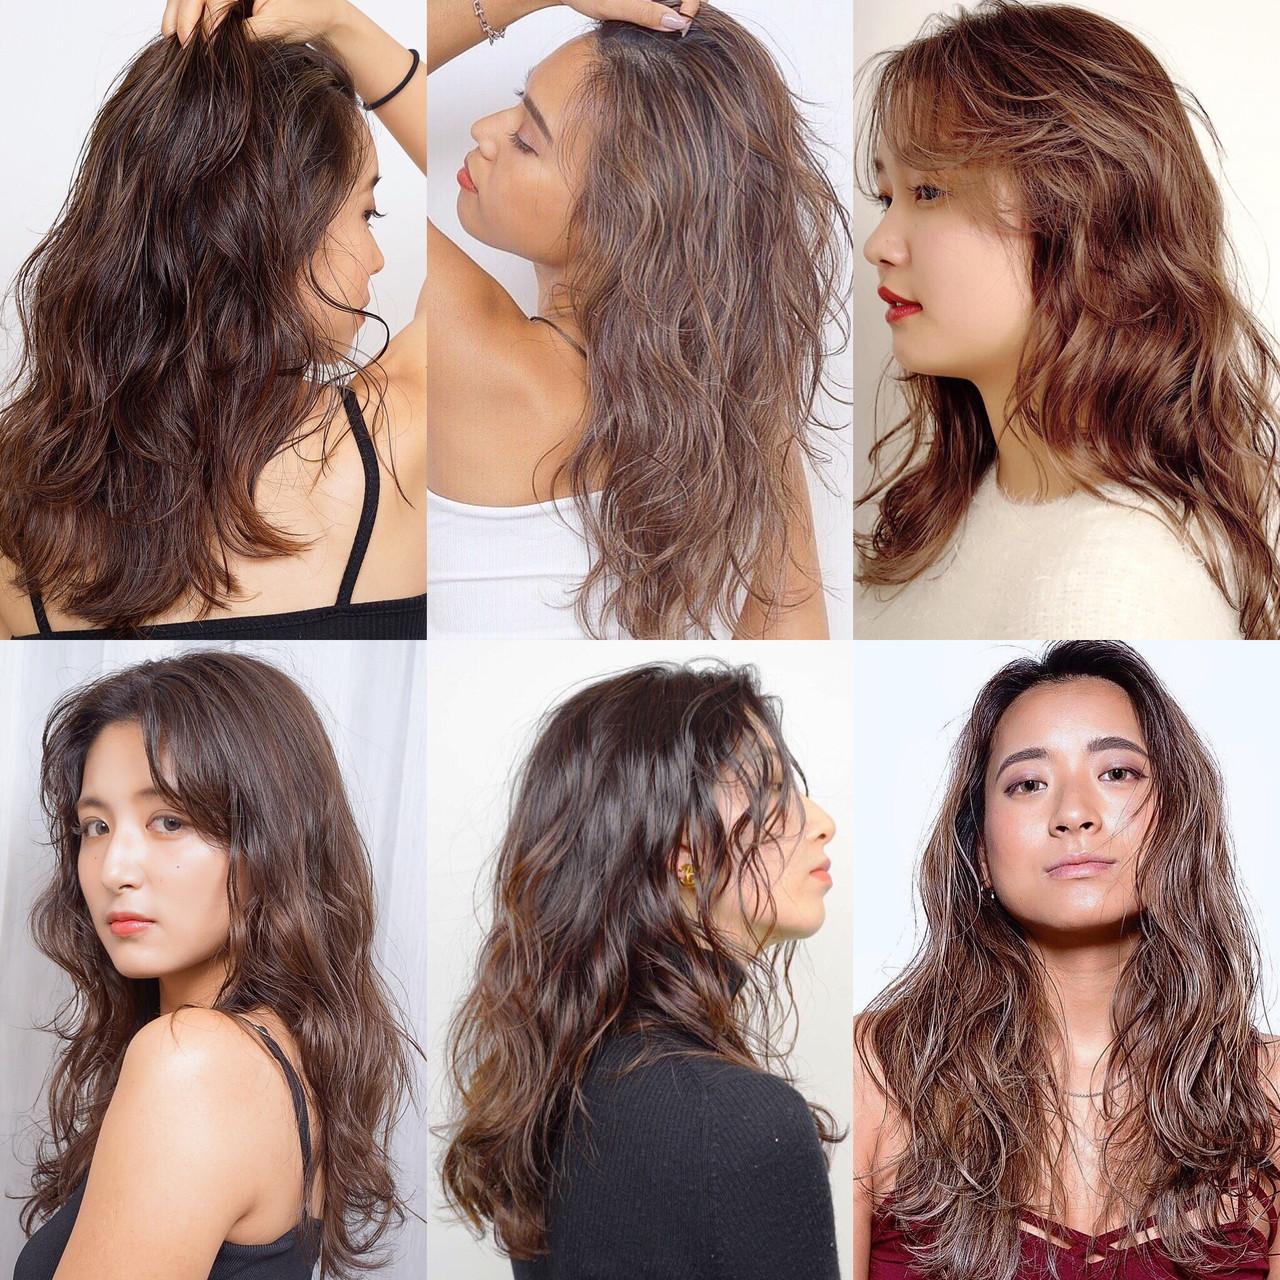 バレイヤージュ ロング ナチュラル モカブラウン ヘアスタイルや髪型の写真・画像